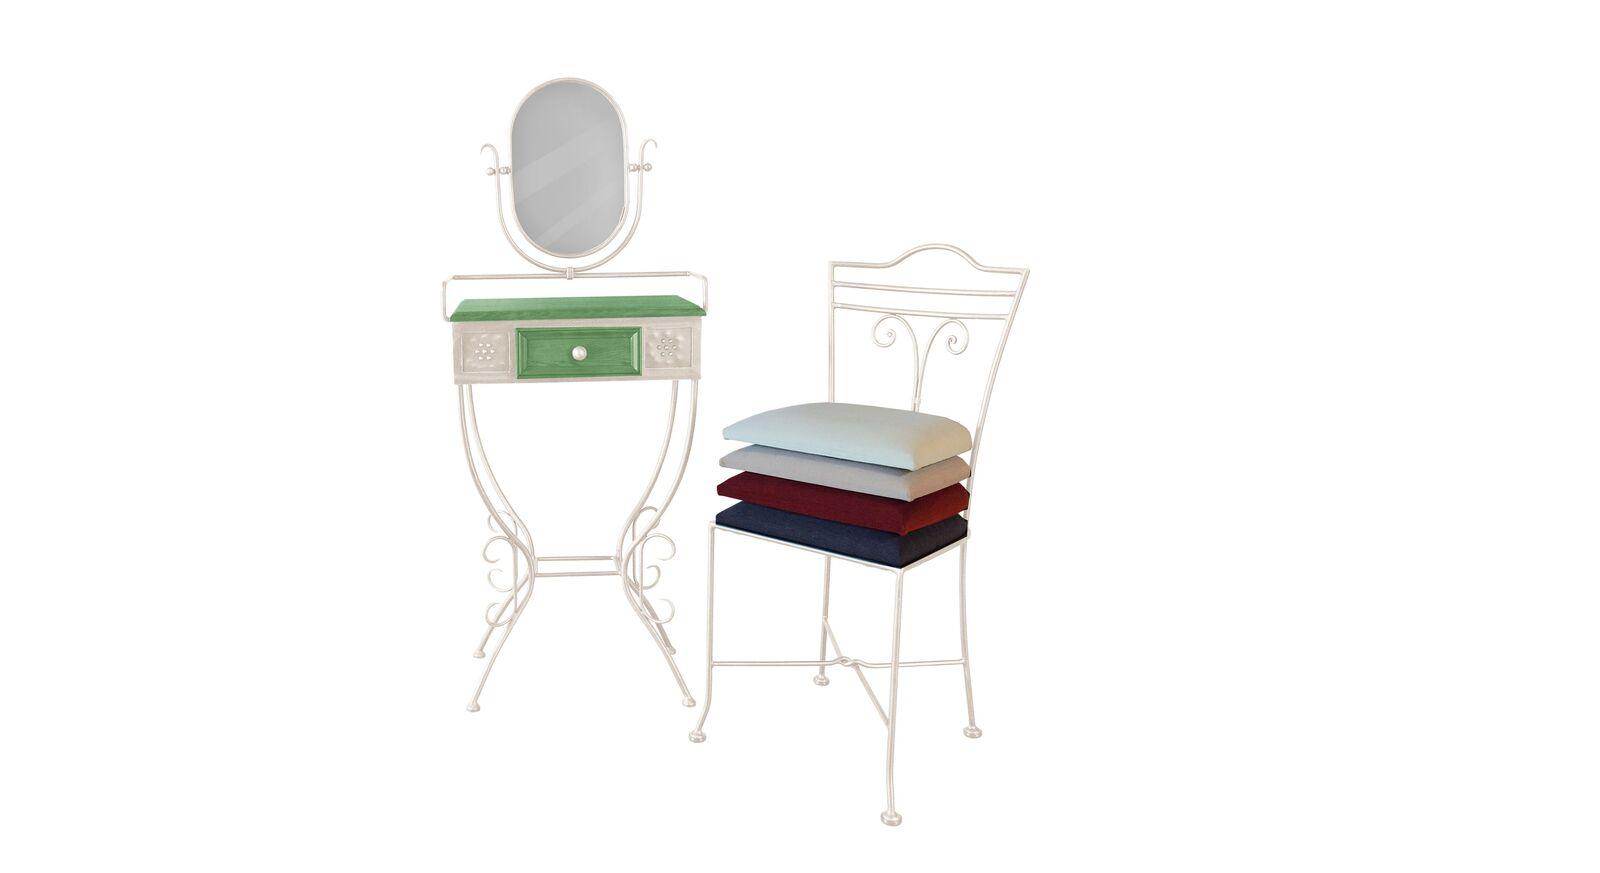 Schminktisch und Stuhl Loria aus cremefarbenem Metall und grünem Holz